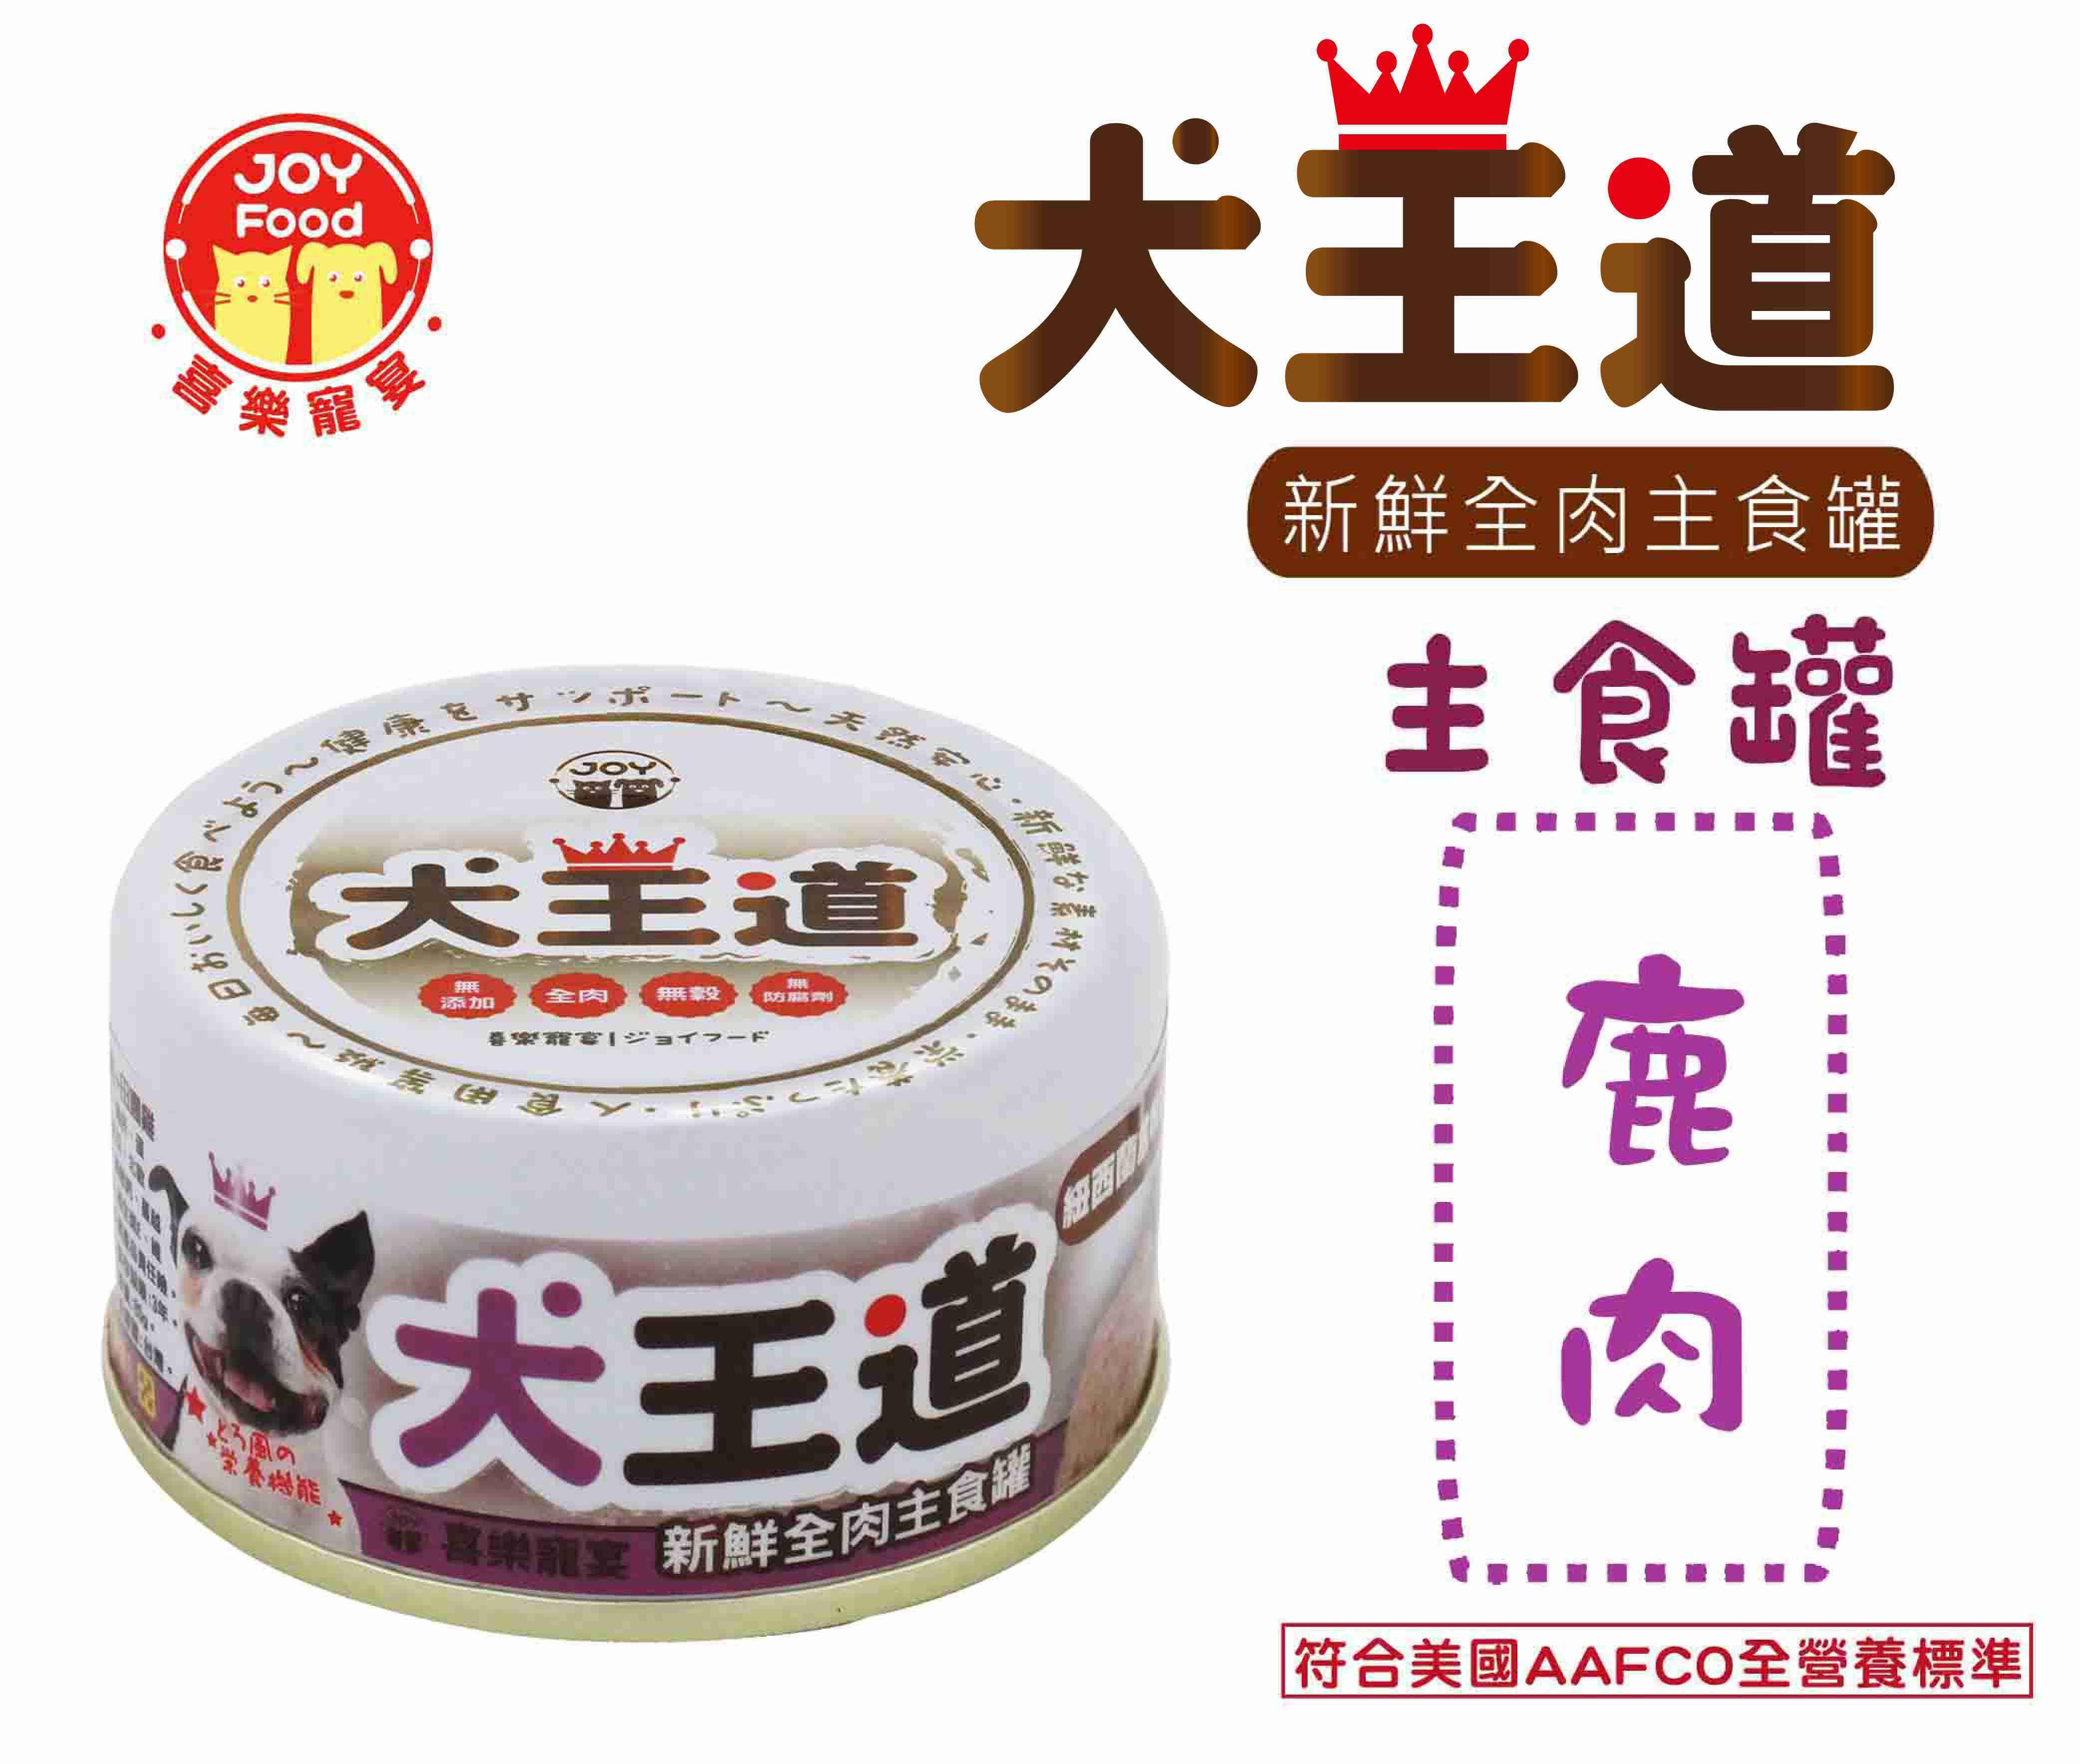 喜樂寵宴-犬王道之新鮮全肉主食罐-紐西蘭放牧鹿+田園雞(老狗適用)(24罐/盒)